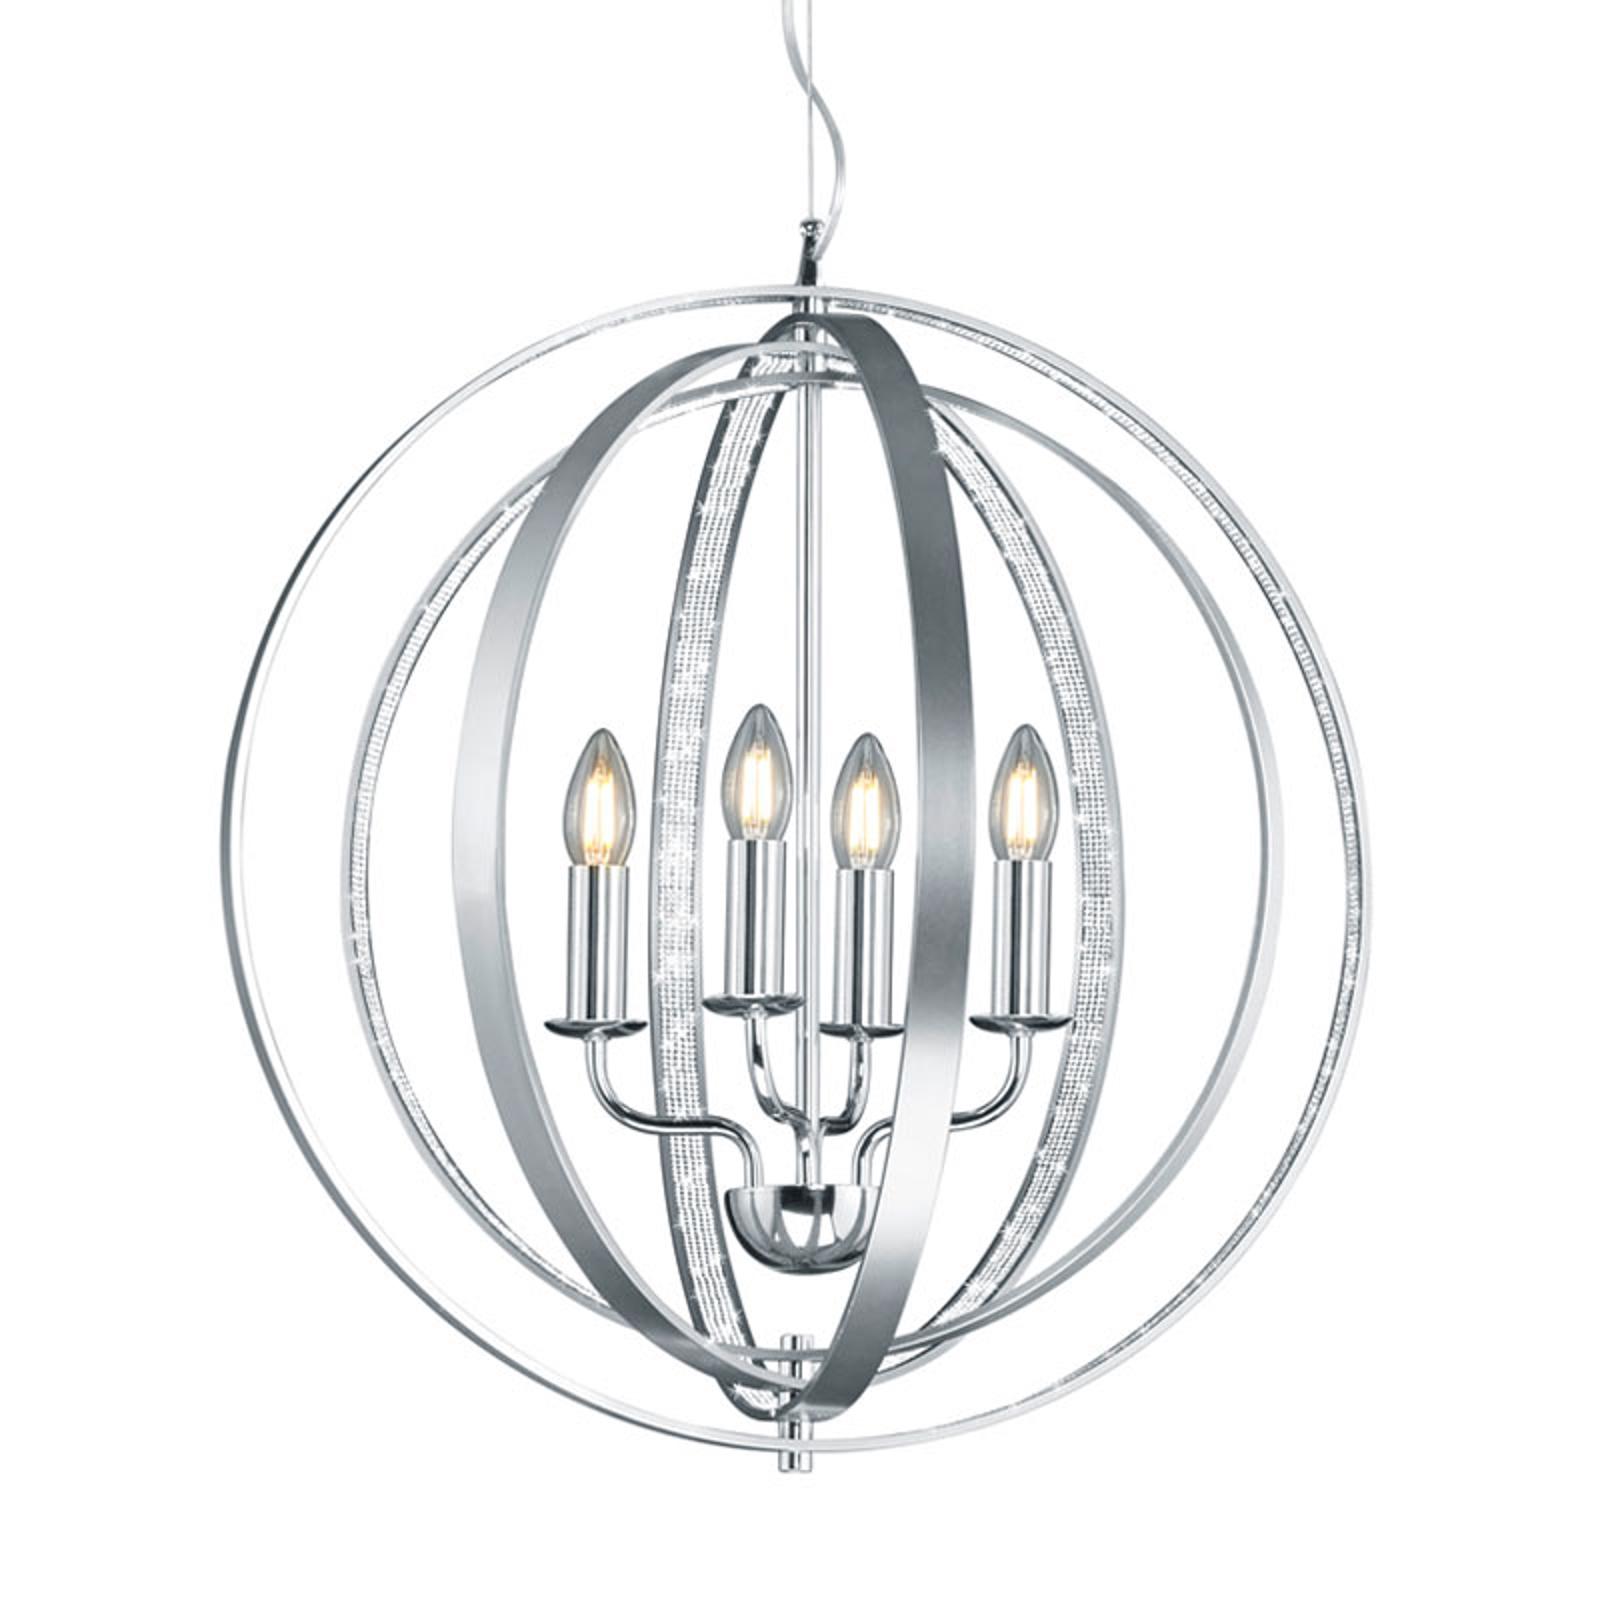 Okrągła lampa wisząca Candela, chrom i aluminium